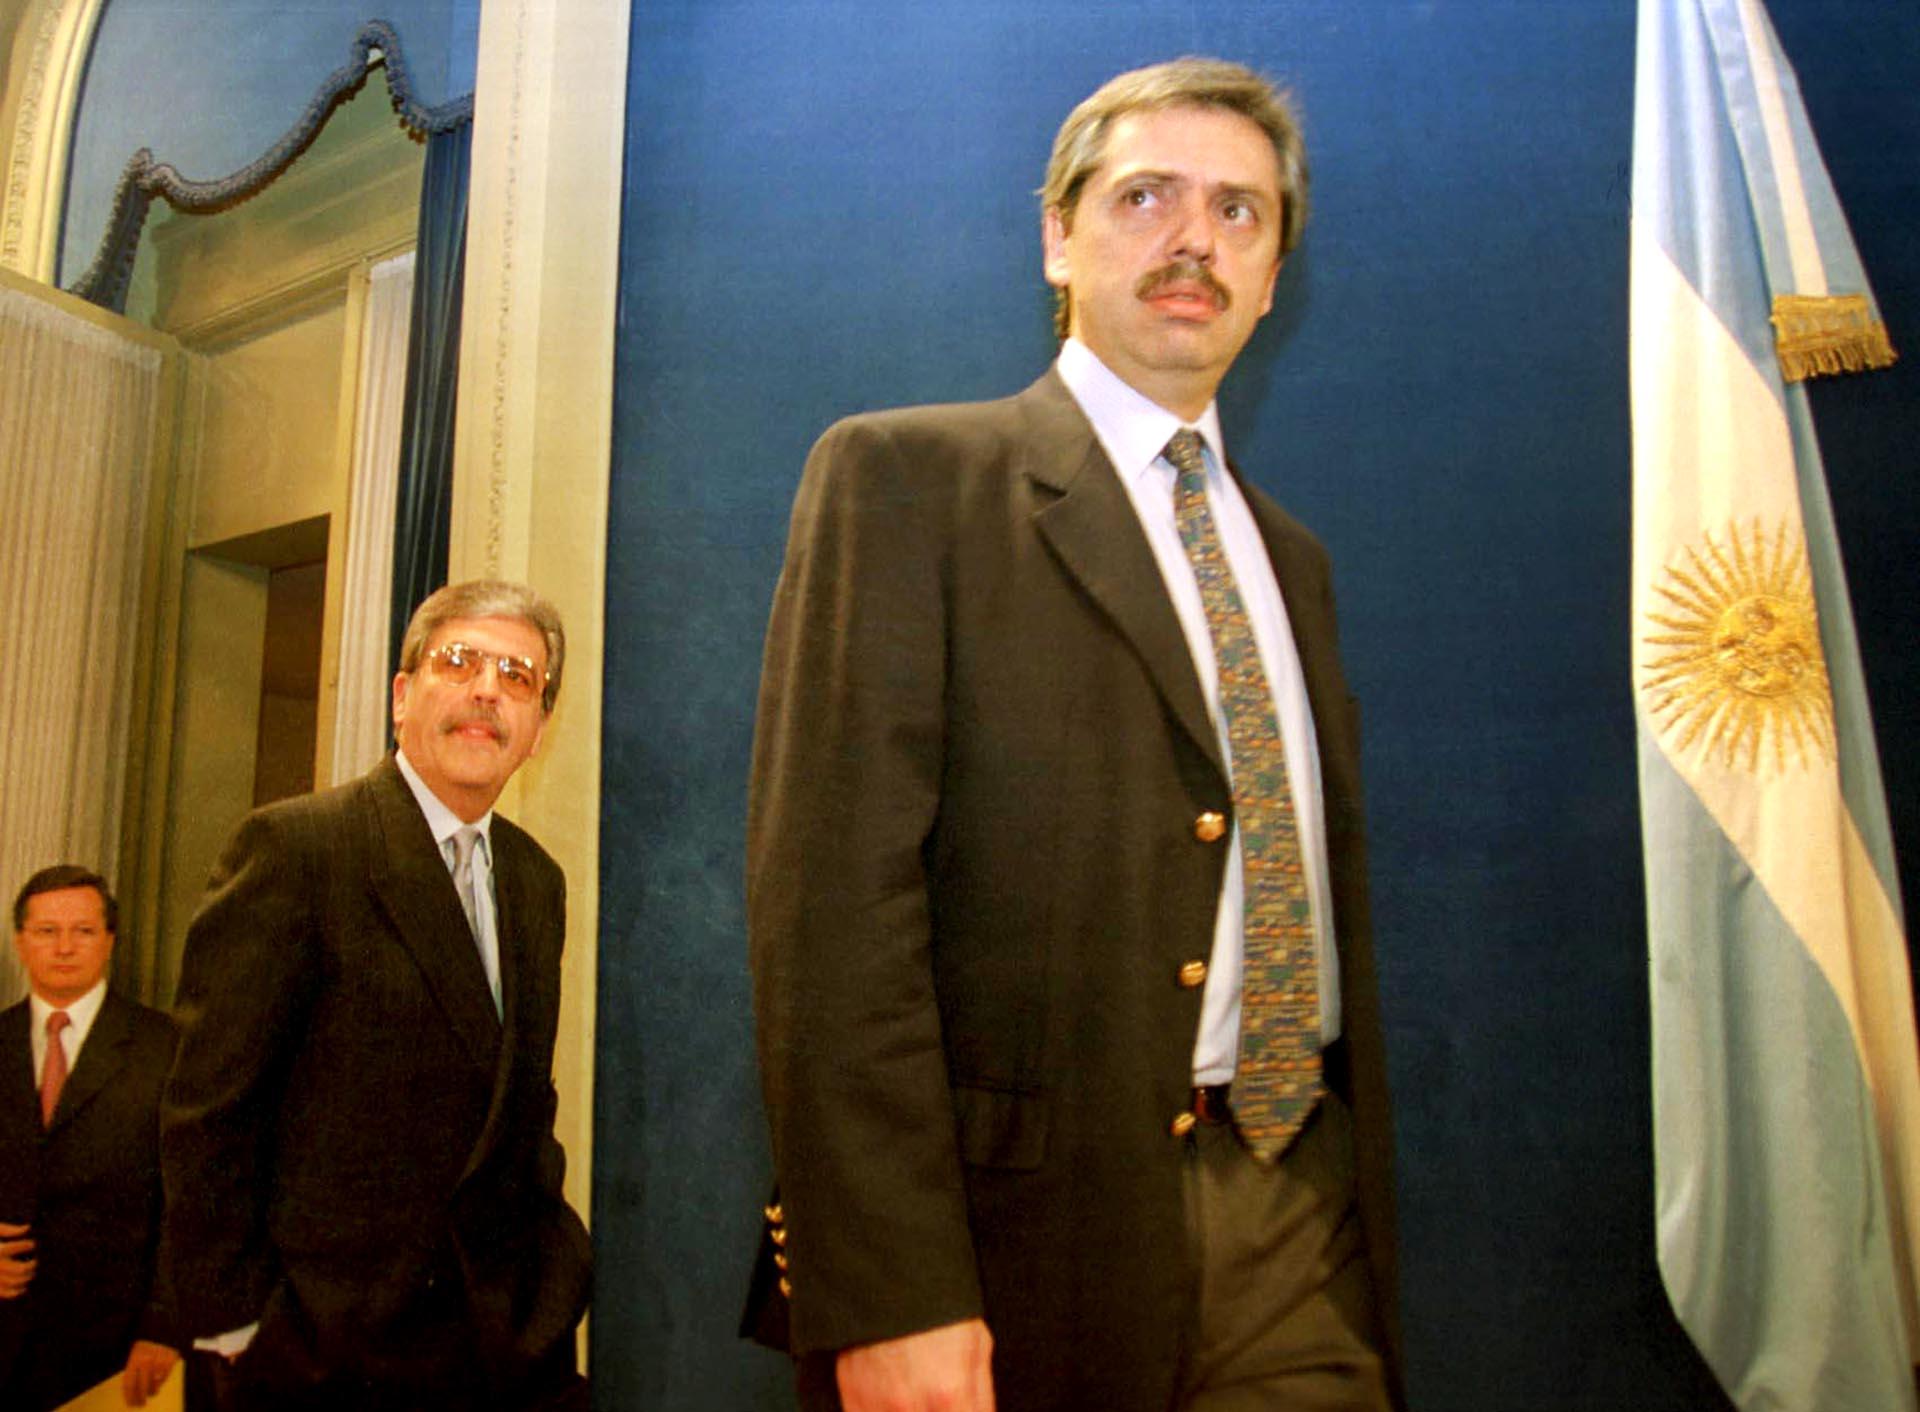 El 19 de noviembre de 2003, con Julio De Vido, infomaron la decisión de intervenir el Correo Argentino, en ese momento en manos del Grupo SOCMA de la familia Macri.